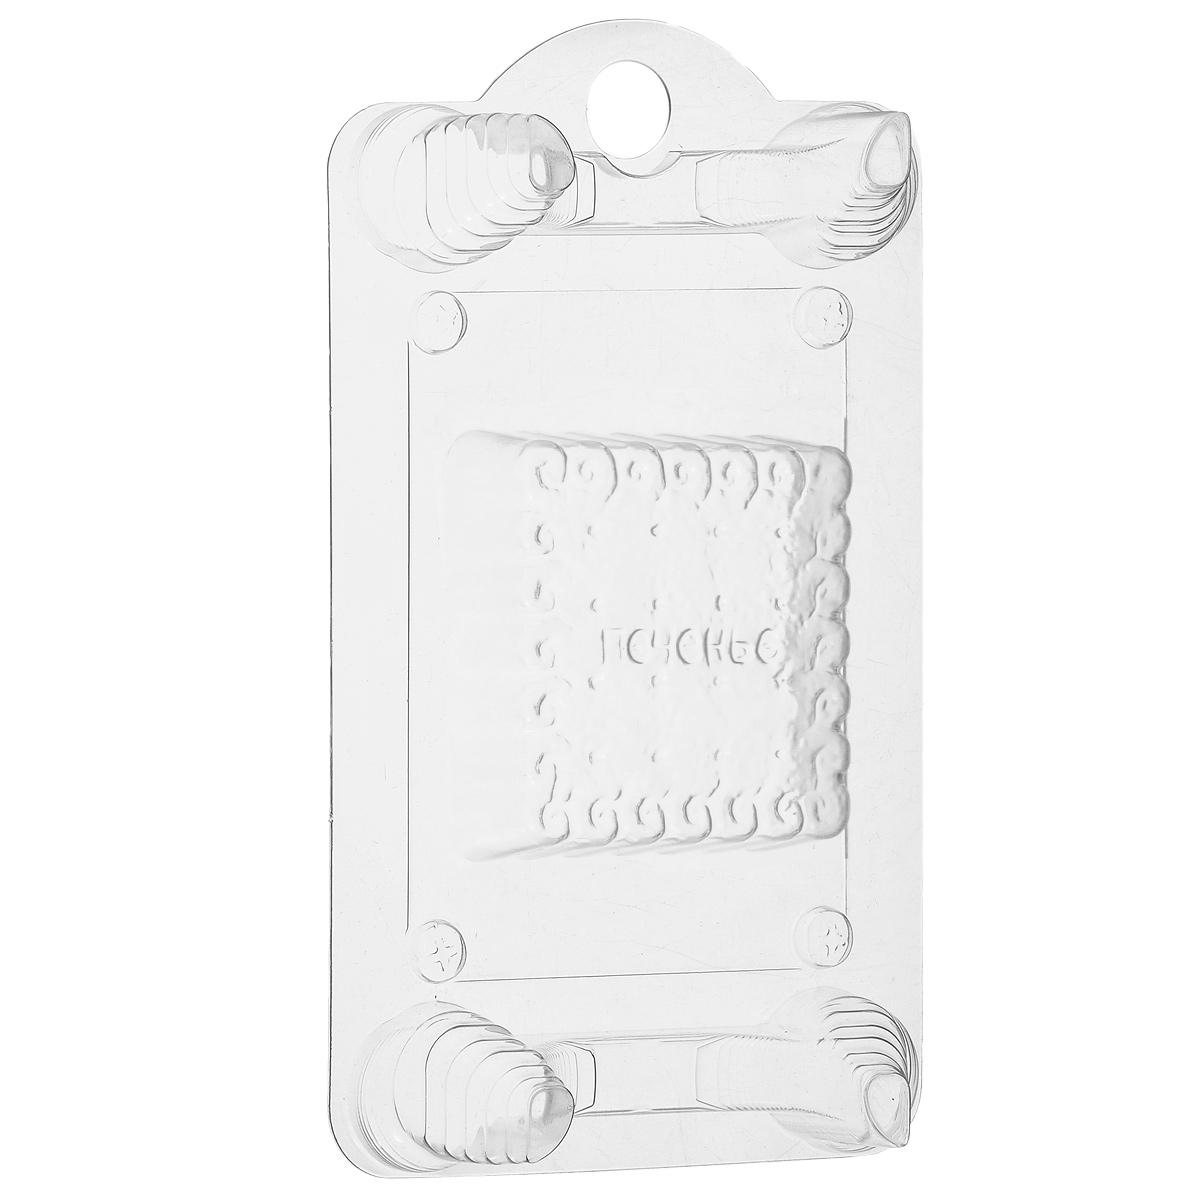 Форма пластиковая Печенье, на ножках, 19 х 11,5 х 3 см2700770024364Пластиковая форма Печенье позволяет изготовить оригинальное и красивое мыло ручной работы. Она выдерживает температуру до 67°С. Если вы всерьез увлеклись изготовлением мыла, такая форма вам просто необходима! Также изделие можно использовать при проведении мастер-классов, обучении детей и новичков мыловарению. Благодаря специальным четырем ножкам, форма устойчиво стоит на любой твердой поверхности, а мыло быстро застывает, так что вы почти сразу увидите готовый результат. По окончании работы у вас получится превосходное мыло в виде печенья. Общий размер формы: 19 см х 11,5 см х 3 см. Размер формочки для мыла: 6,5 см х 6,5 см х 2,3 см.